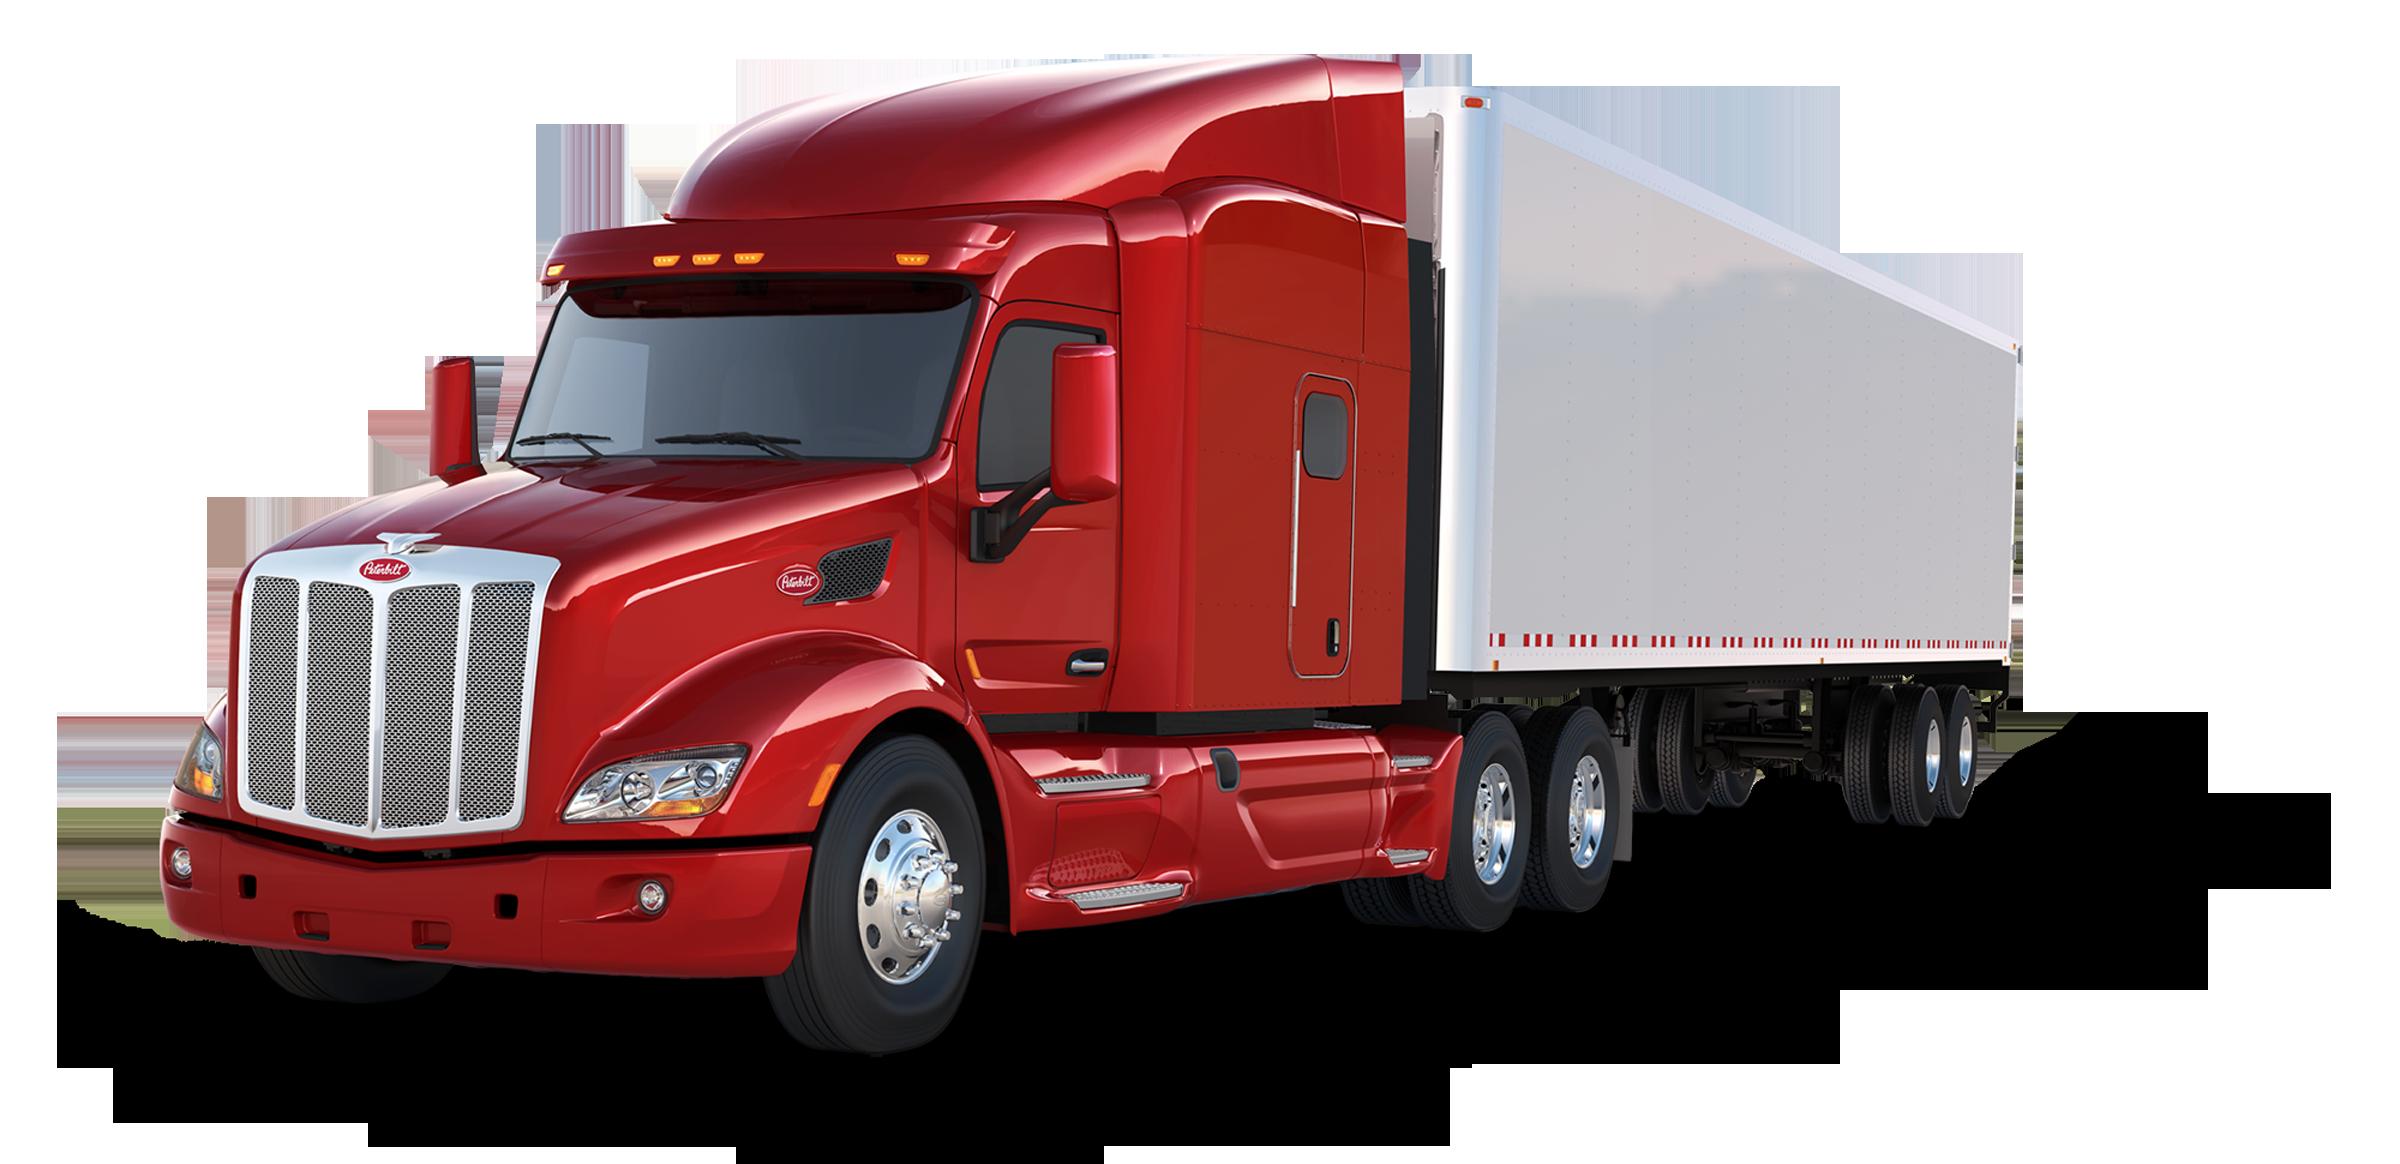 Peterbilt Truck Vector